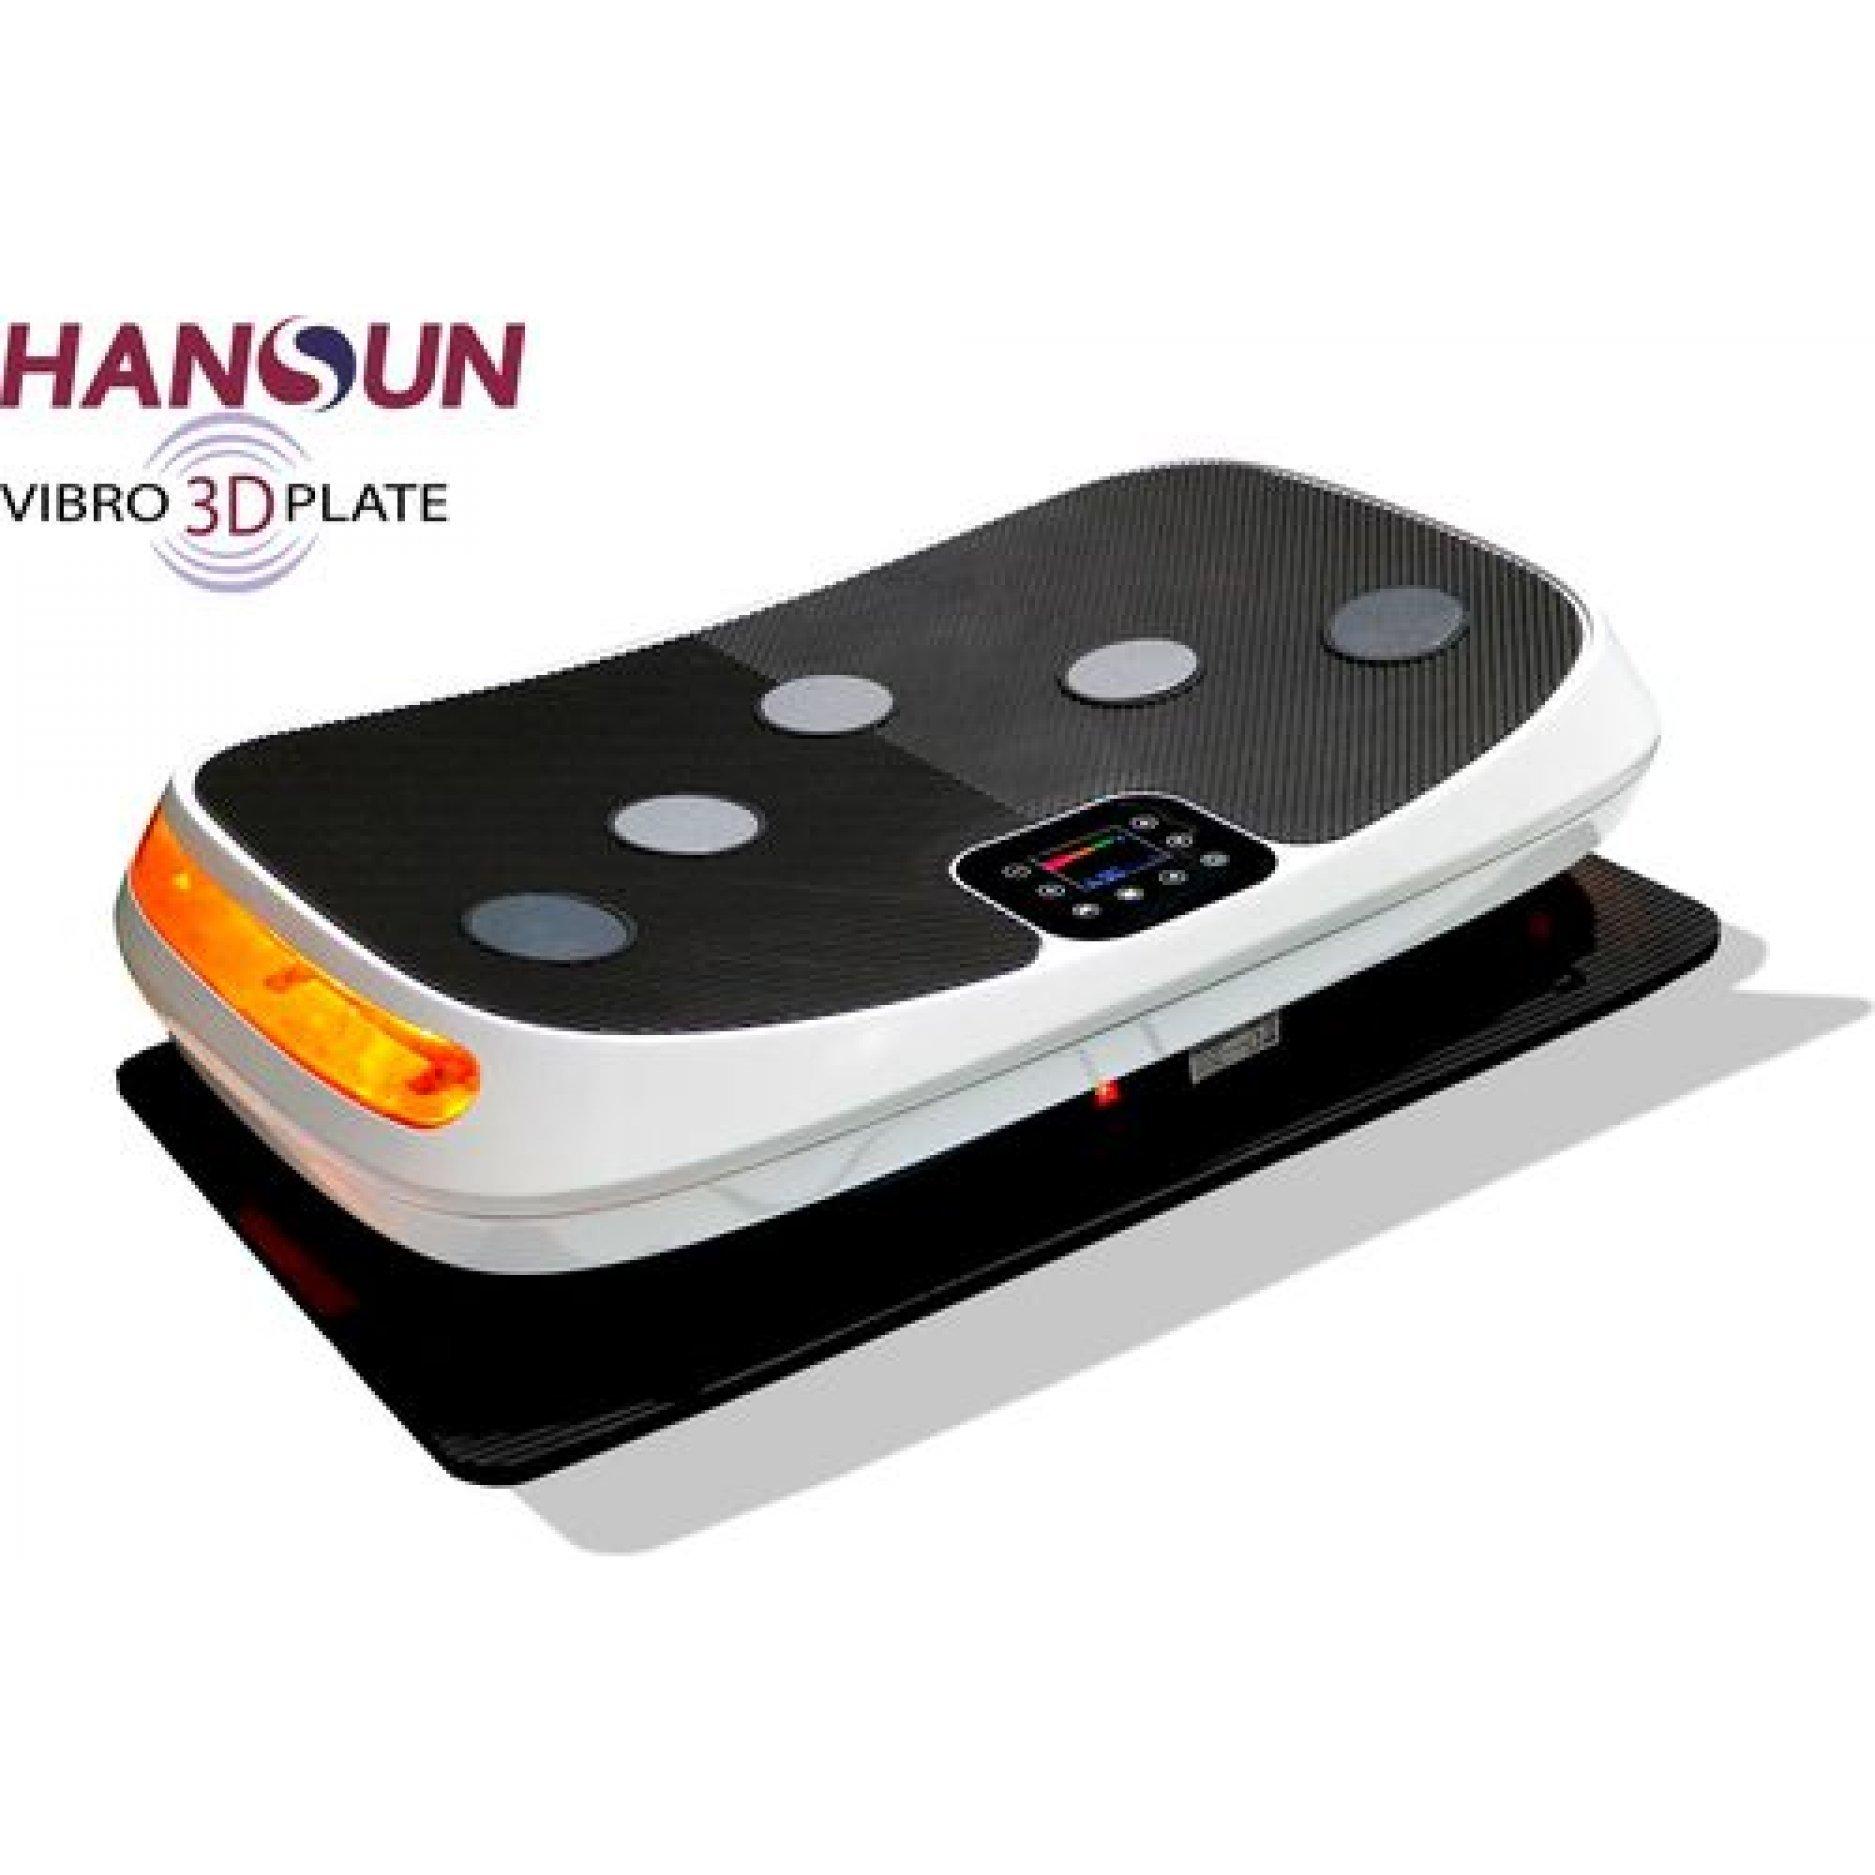 Вибрационная платформа Hansun 3D Vibroplate FC-B-09C